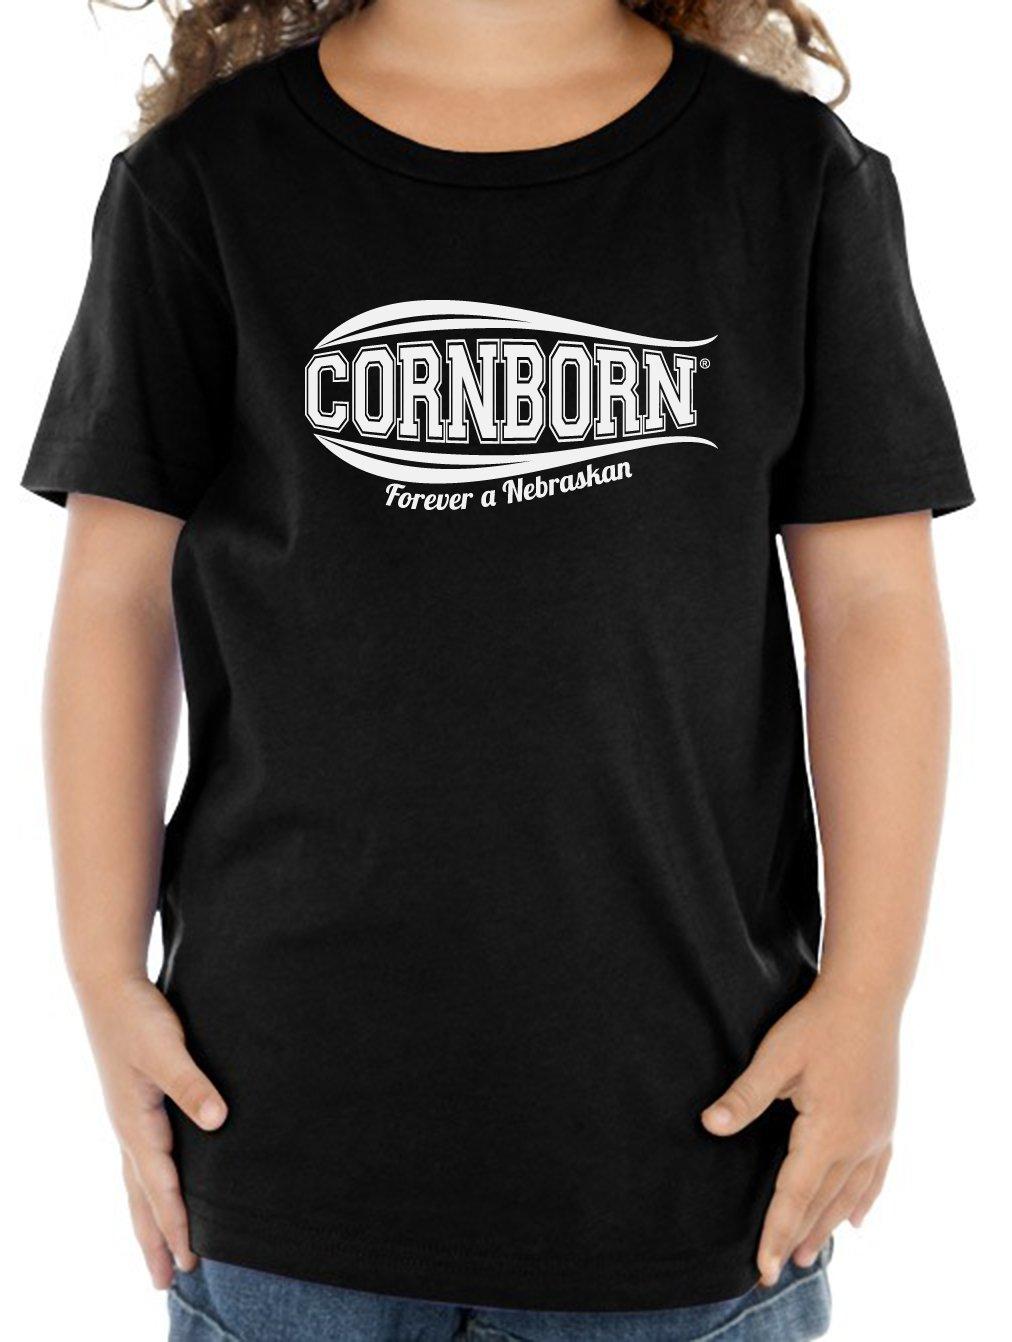 Nebraska Toddler Tee Cornborn Forever A Nebraskan Toddler Tee Shirt Toddler Tees Tee Shirts [ 1342 x 1012 Pixel ]